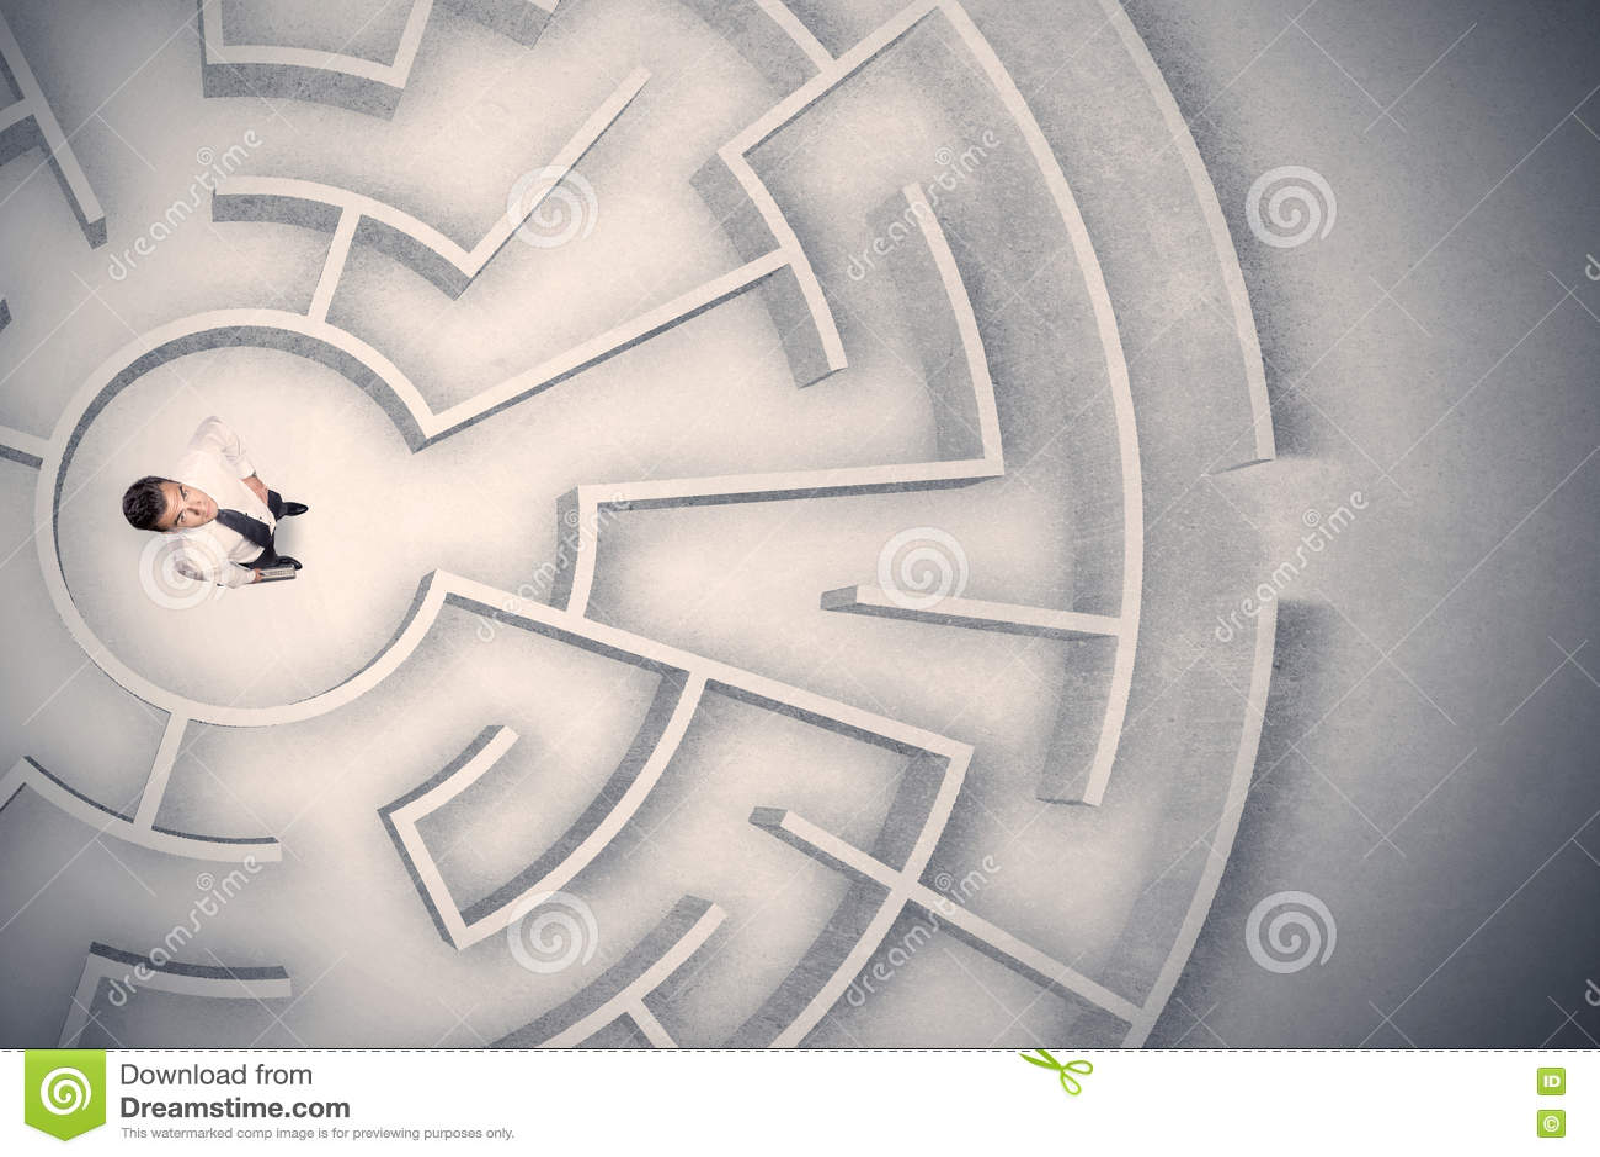 Download Бизнесмен поглощенный в круговом лабиринте Стоковое Фото - изображение насчитывающей запутанность, фрустрация: 72281380